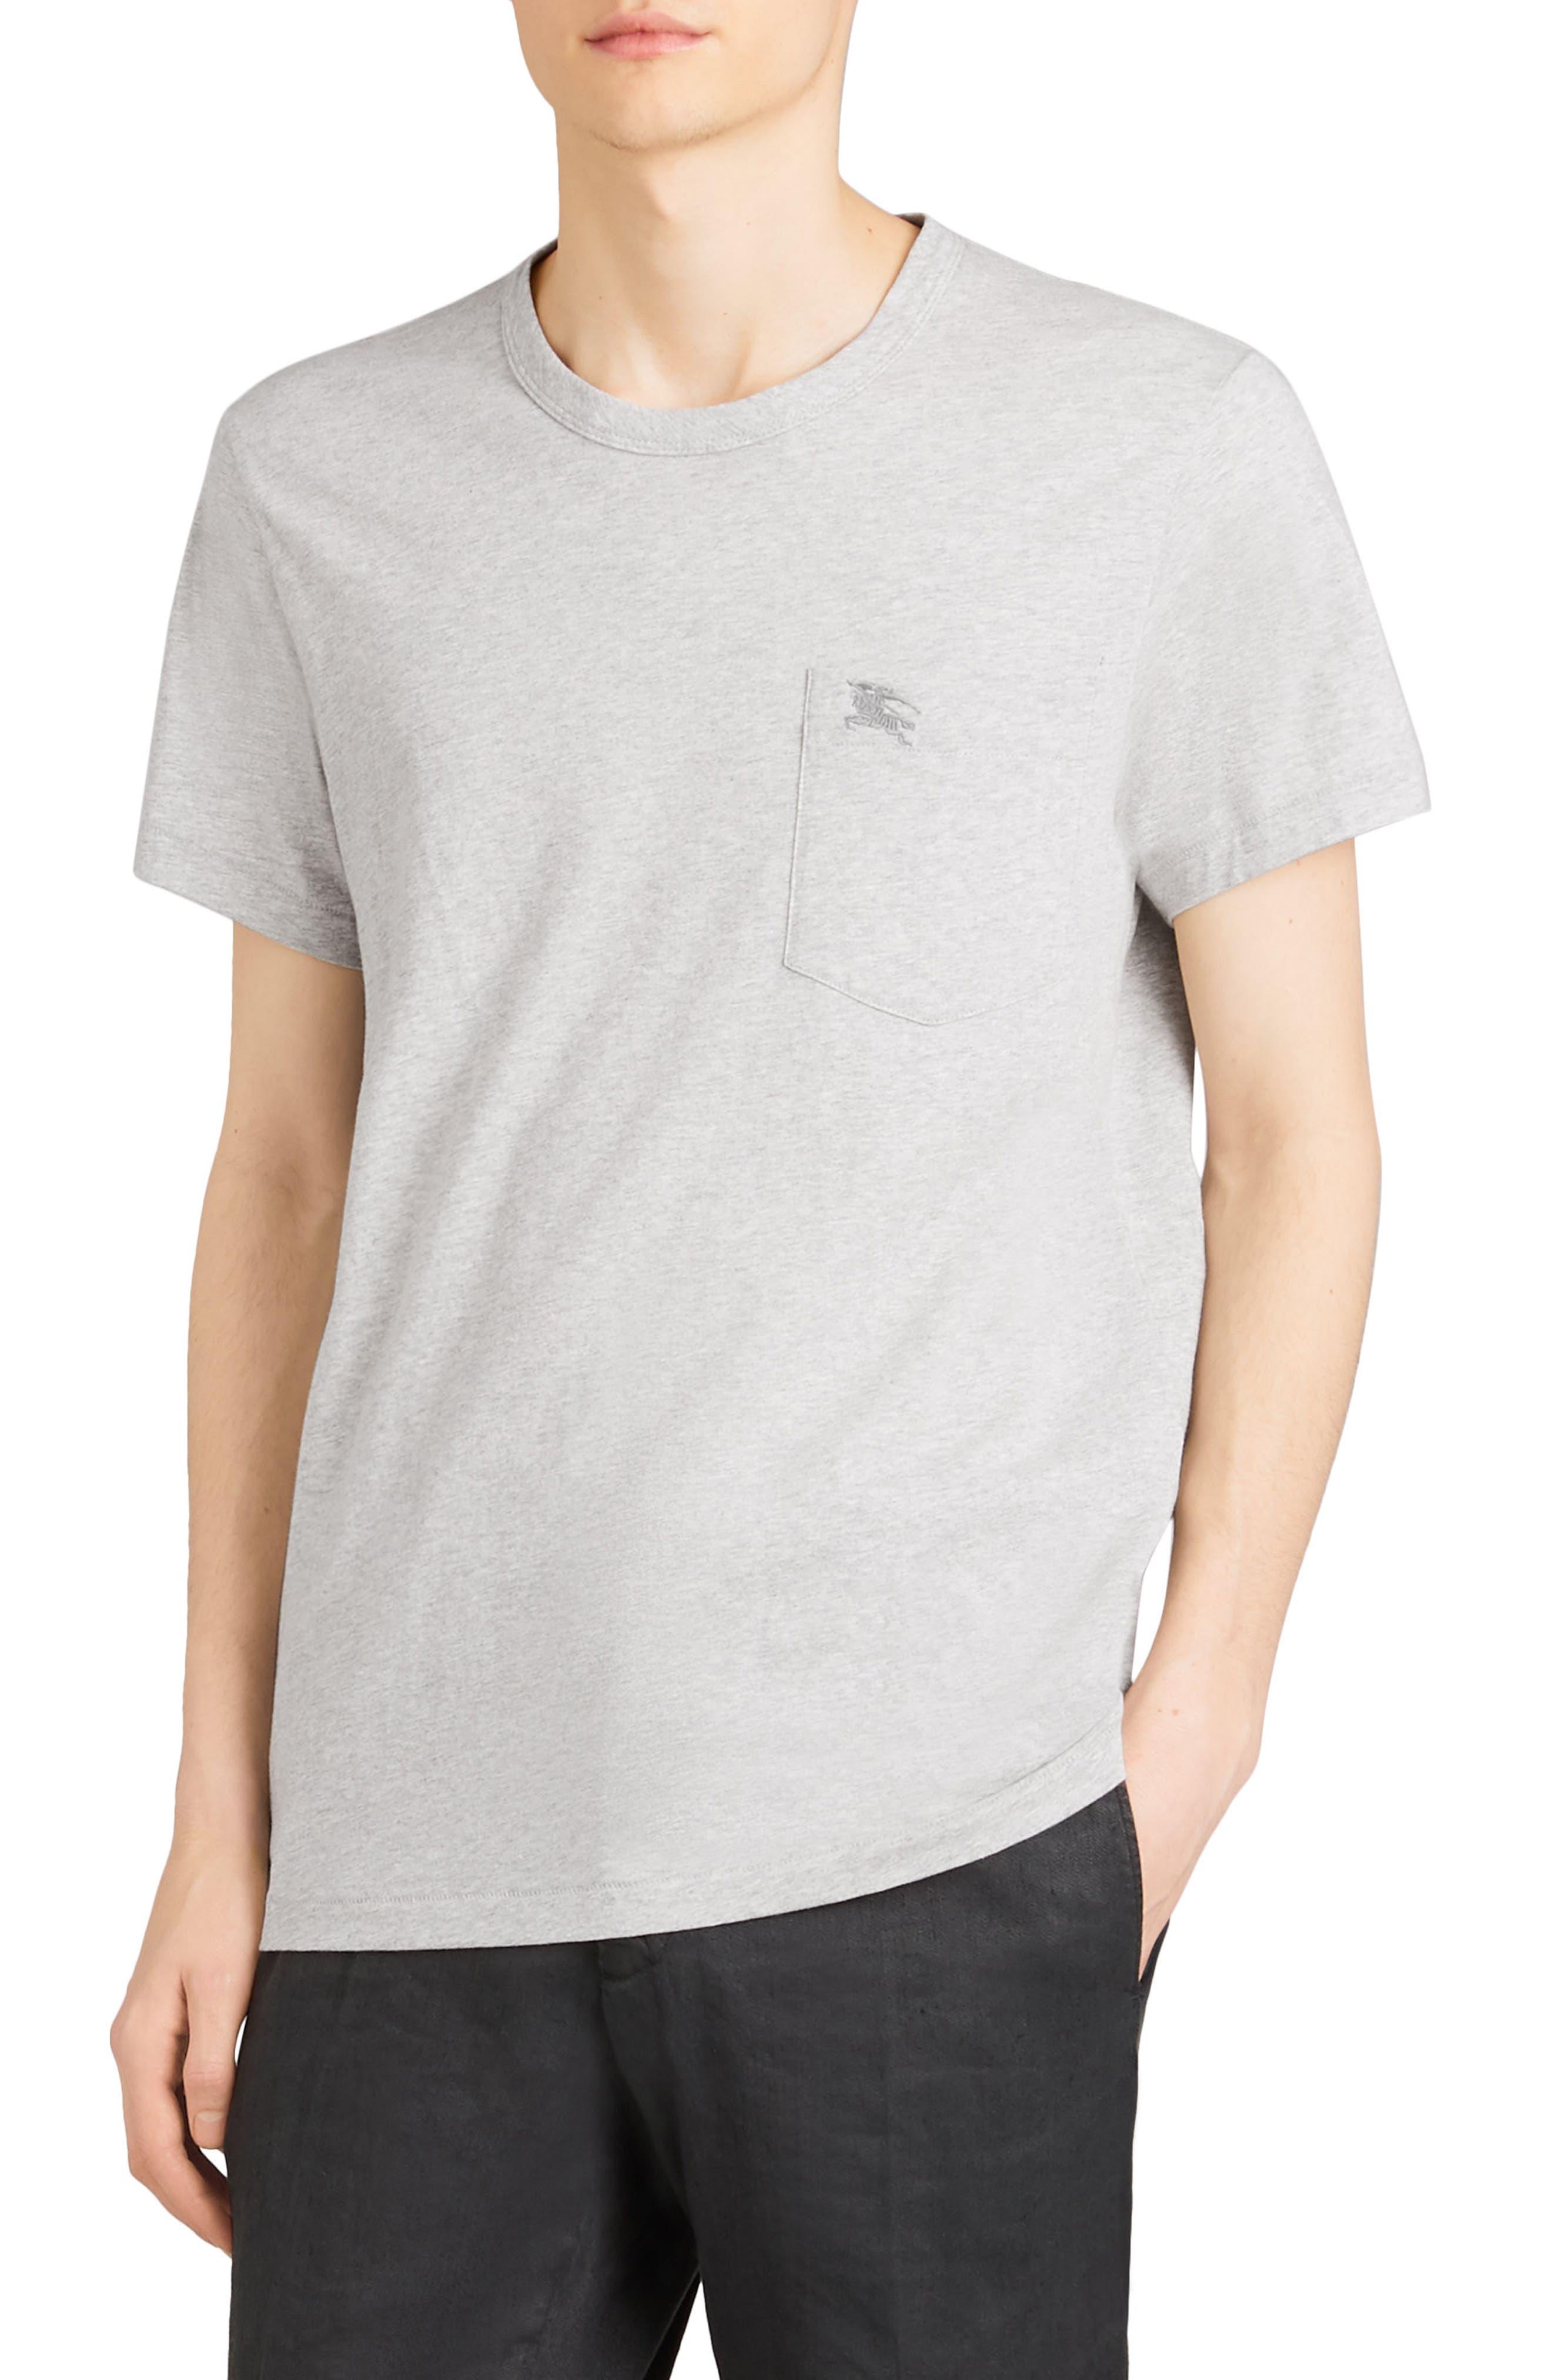 Henton T-Shirt,                             Main thumbnail 1, color,                             050